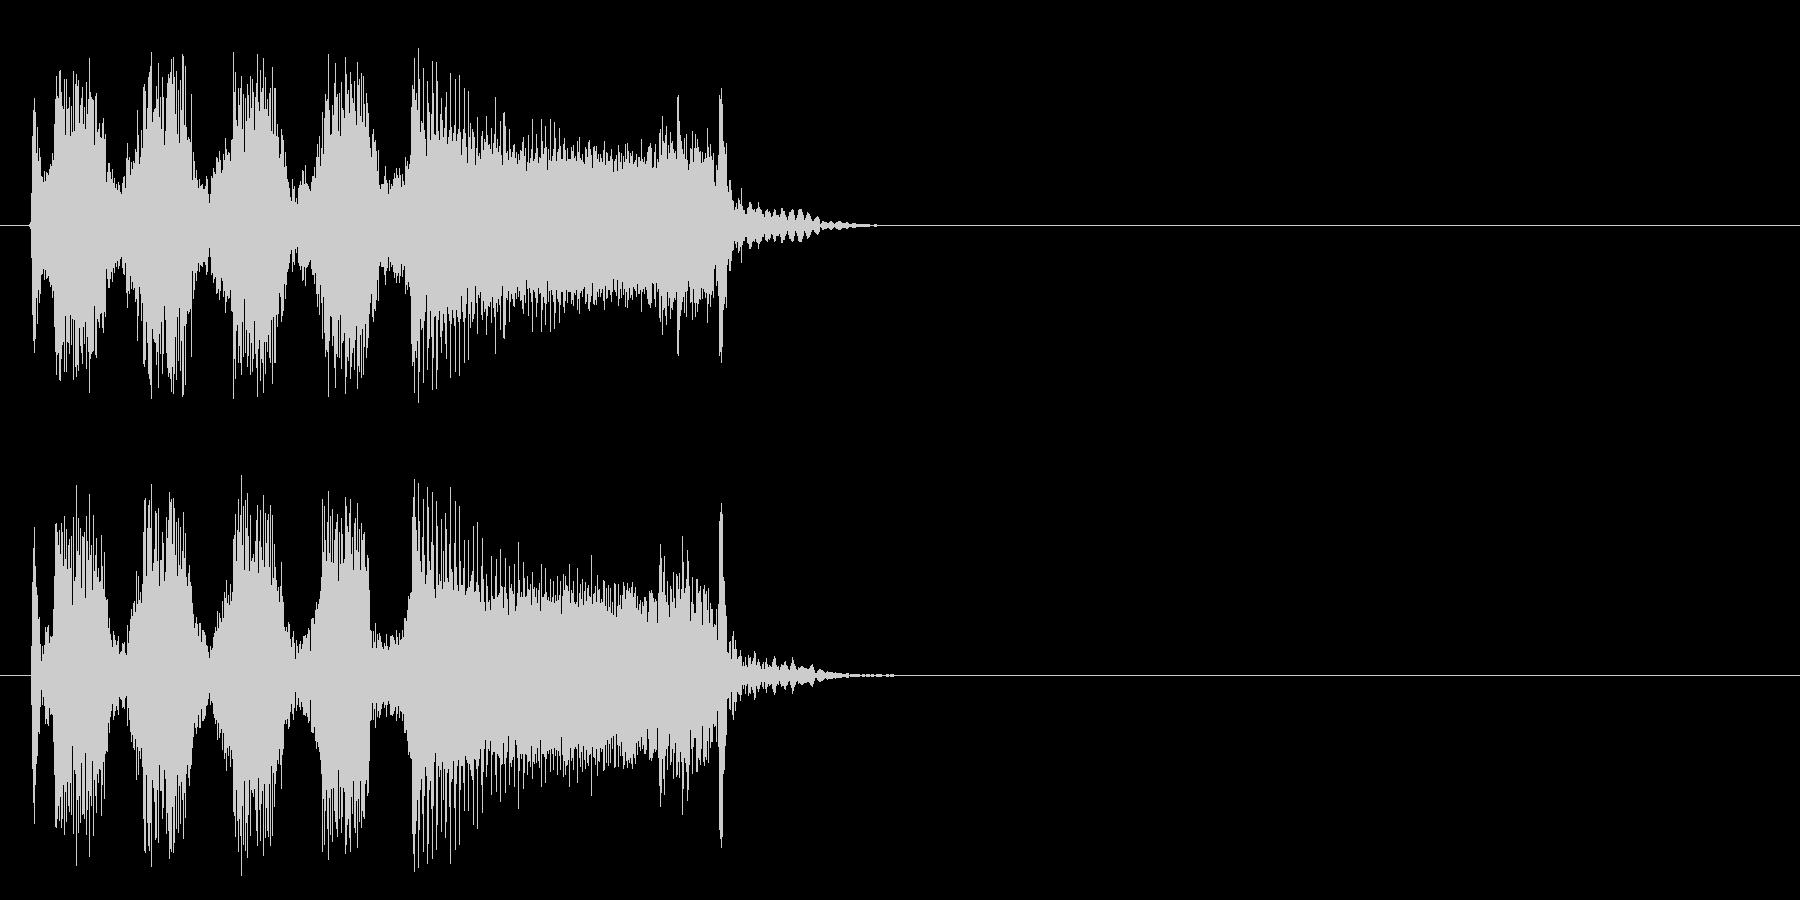 ハード・ギター炸裂のロックなジングルの未再生の波形